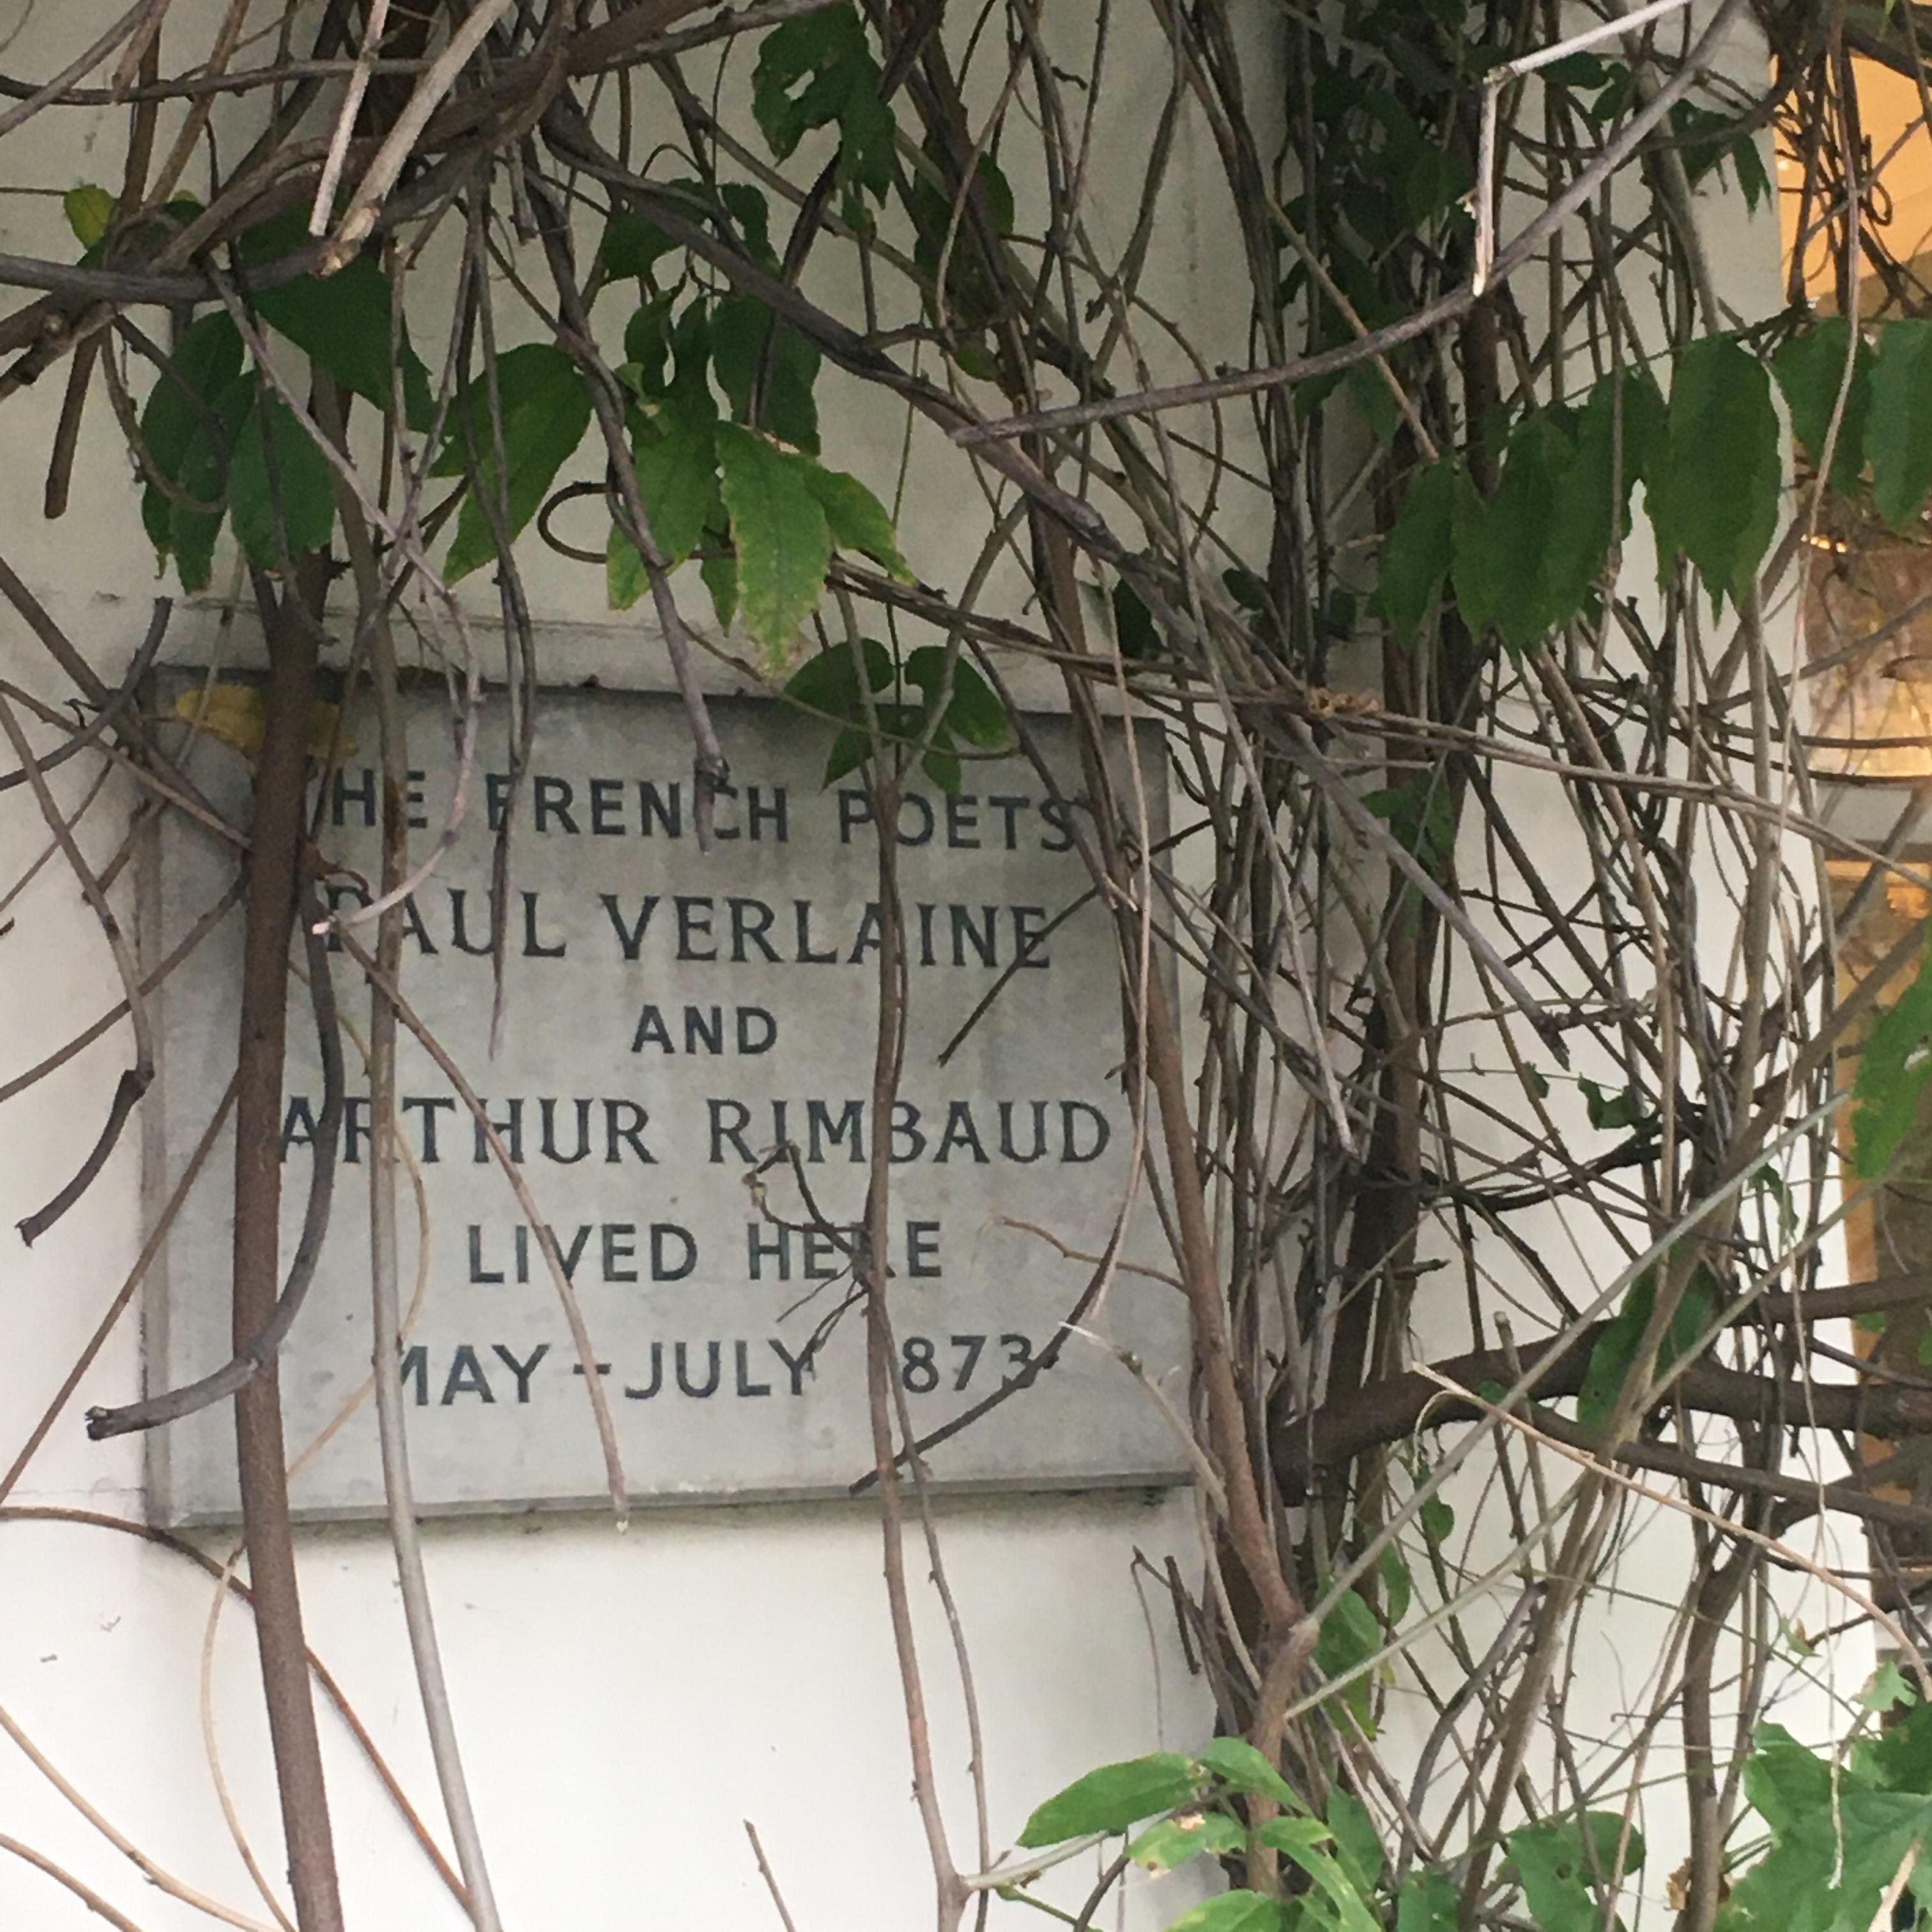 verlaine rimbaud camden town plaque